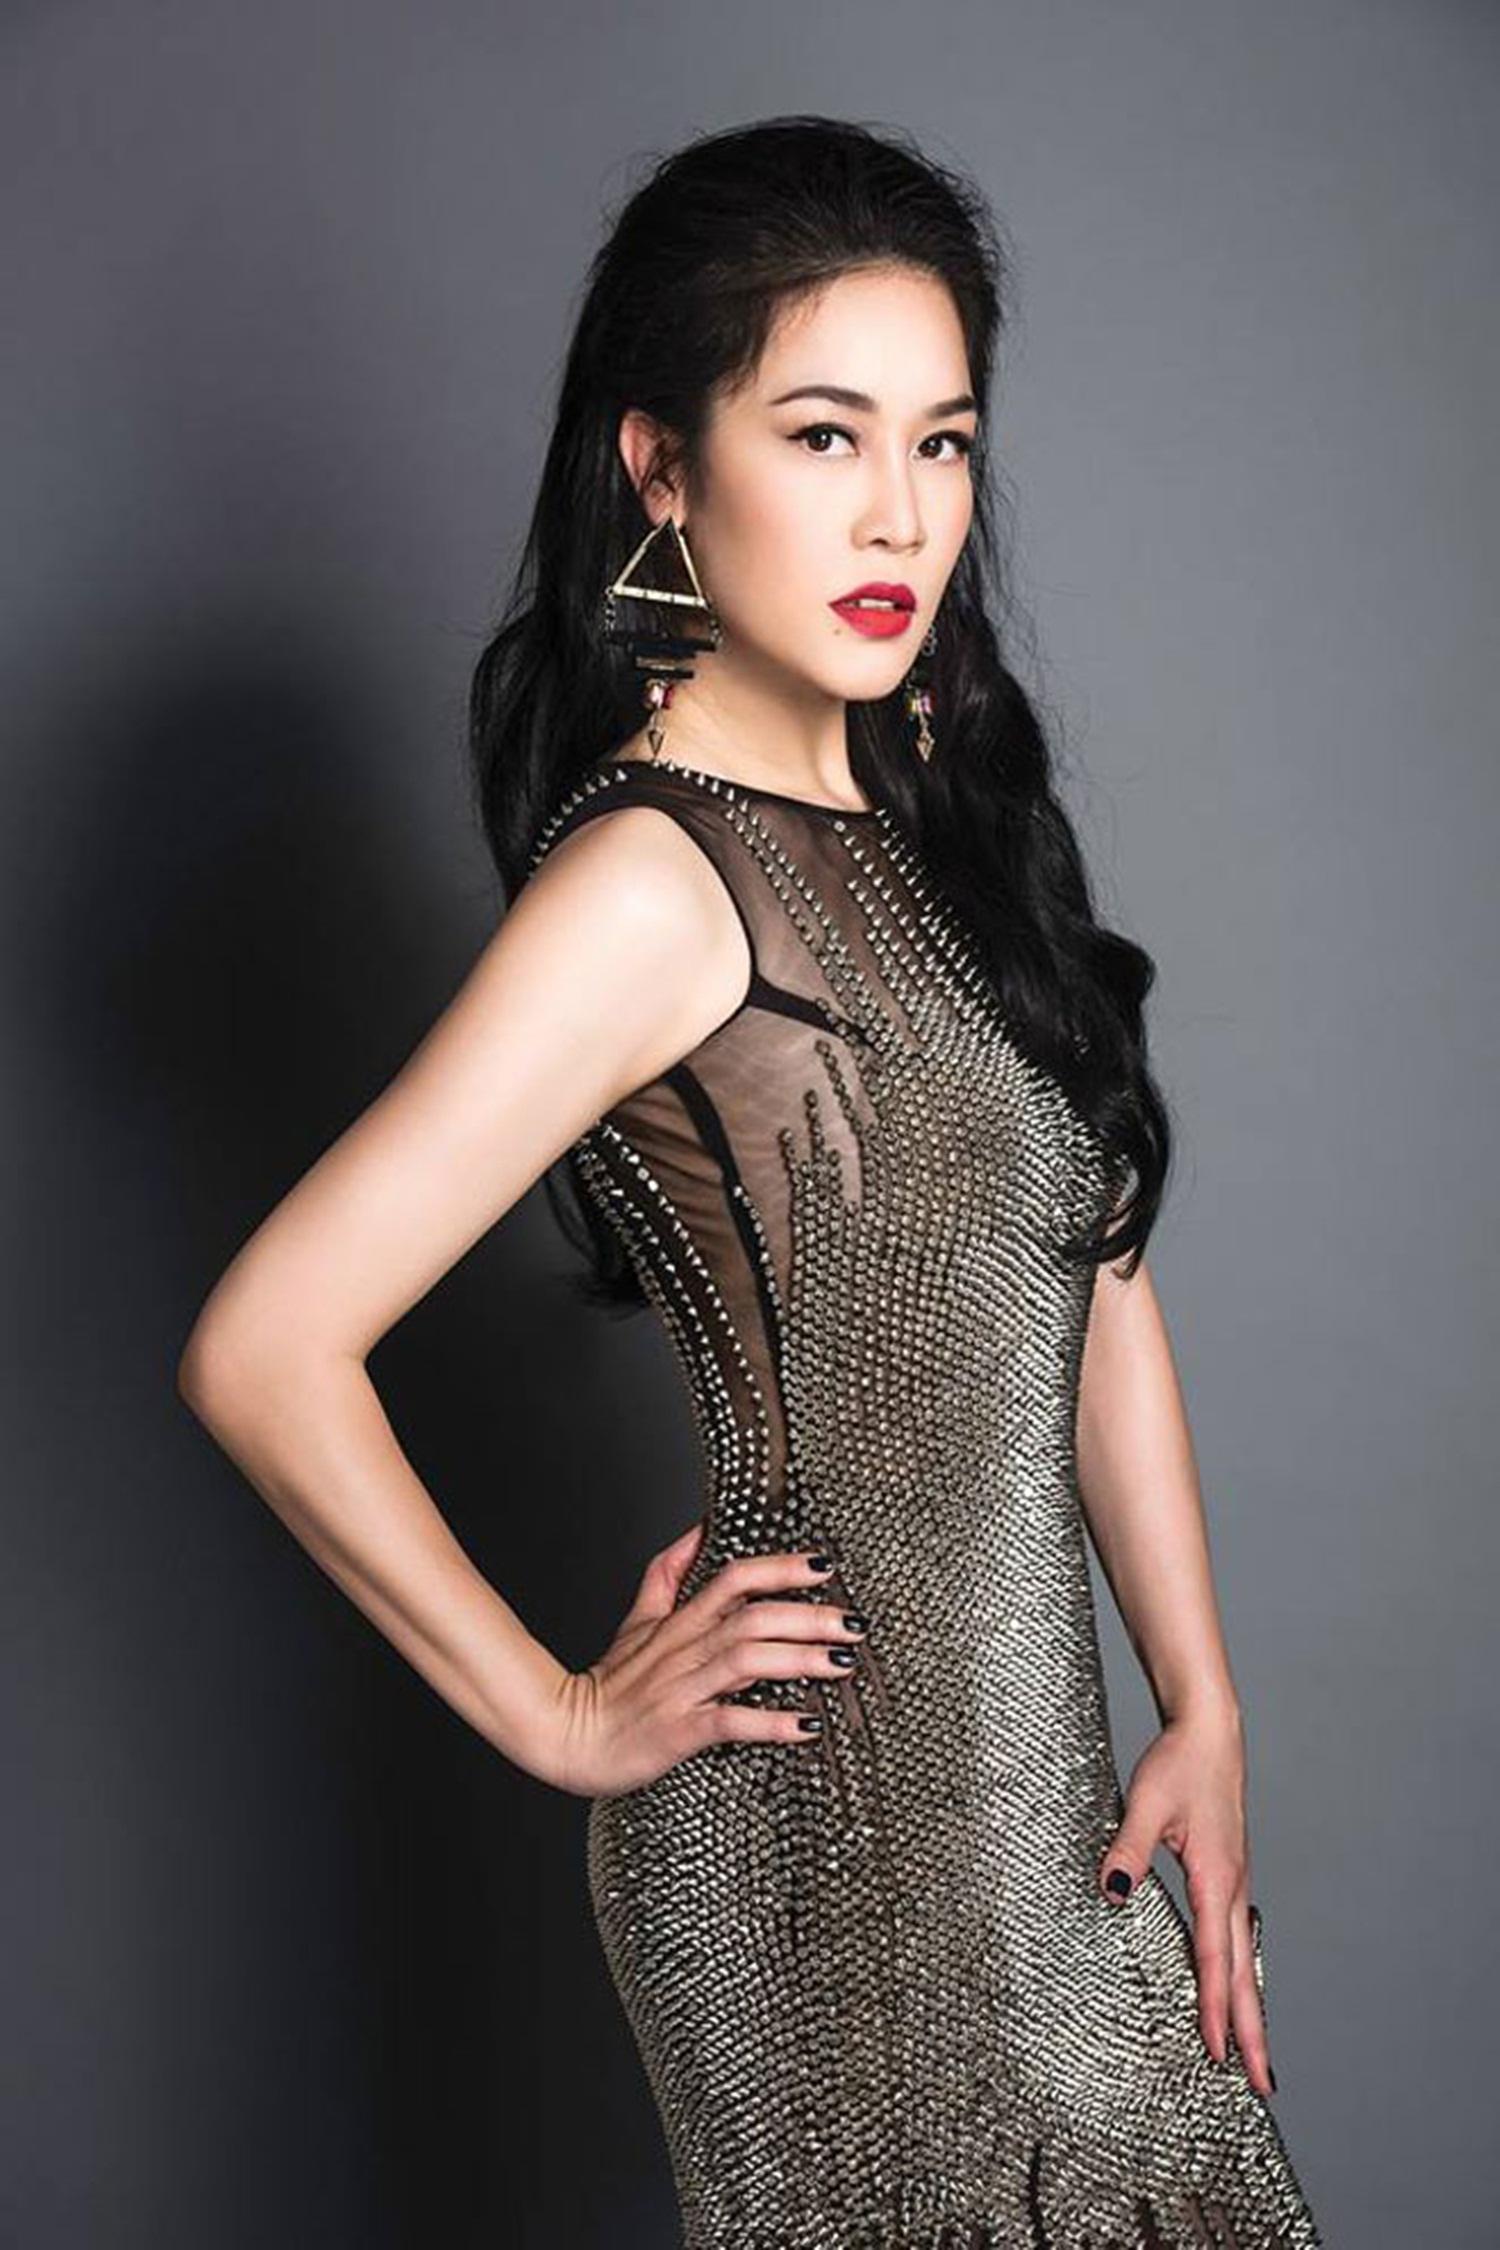 Ca sĩ Thu Phương sinh năm 1972 tại Hải Phòng. Đầu năm 2015, giọng ca xứ cảng Thu Phương trở lại với người yêu âm nhạc Việt Nam sau nhiều năm xa cách.